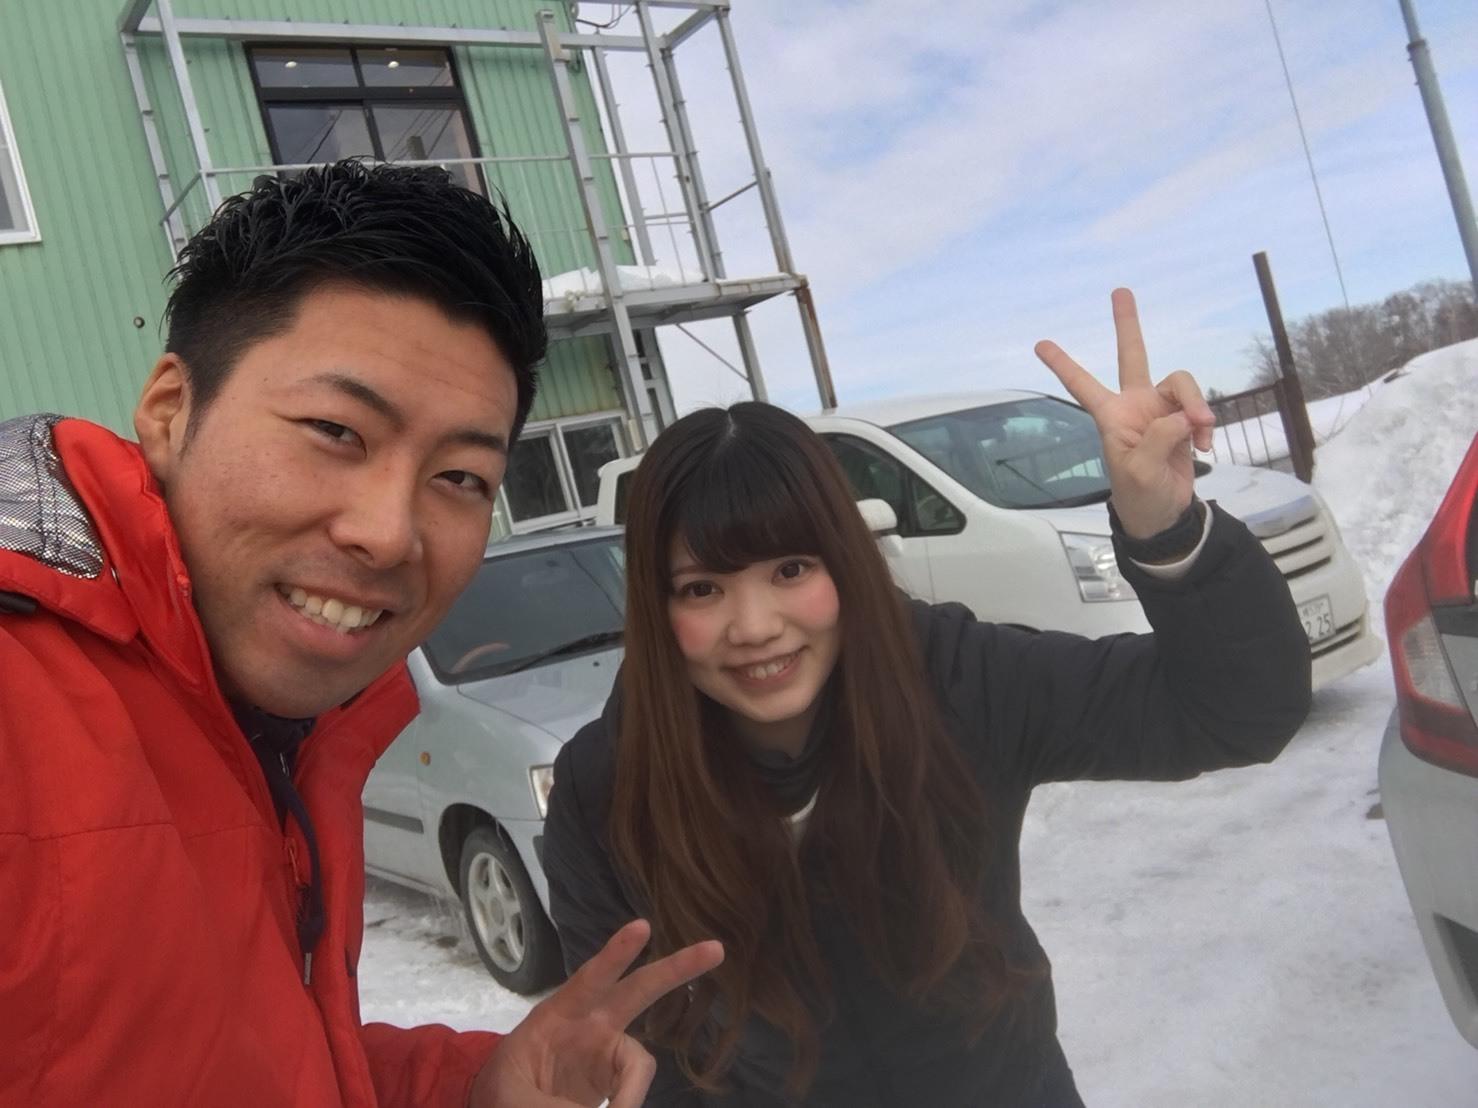 2月8日(木)トミーベース カスタムブログ☆タイヤチェンジャーあります☆ベースといえばやっぱりWALD!!ランクル ハマー LS取り扱っています☆_b0127002_10585732.jpg